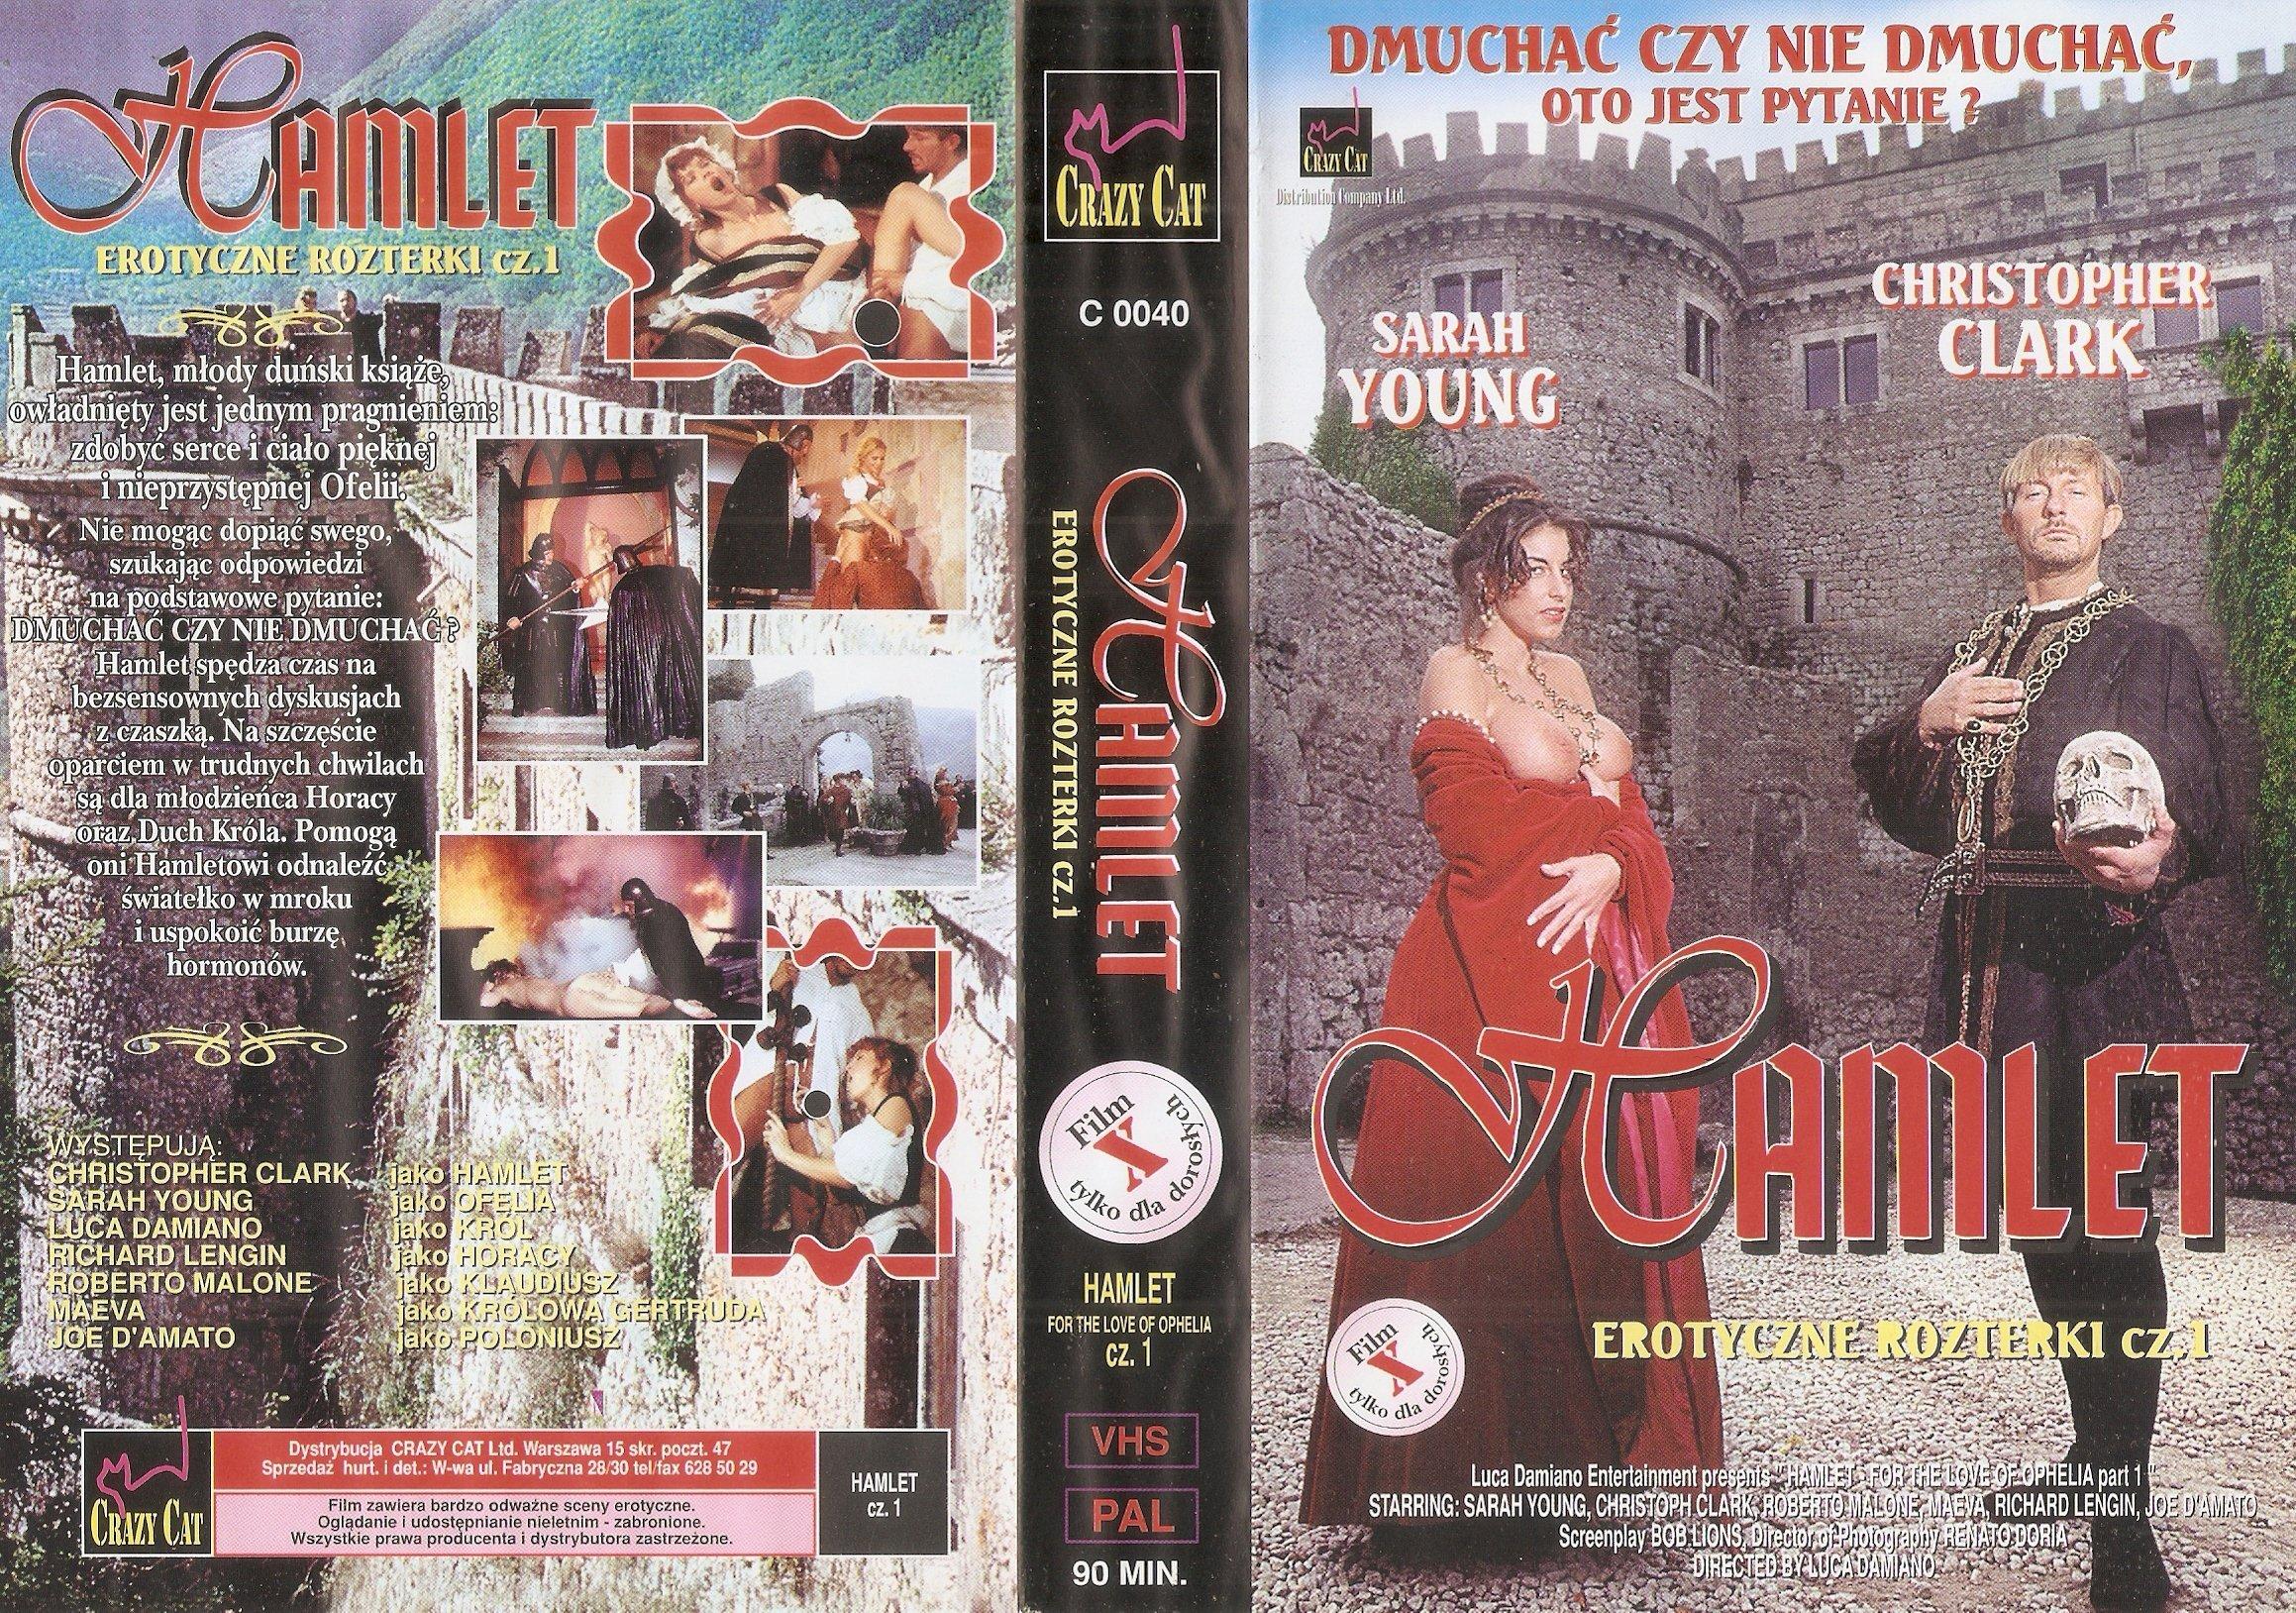 Duńskie filmy erotyczne